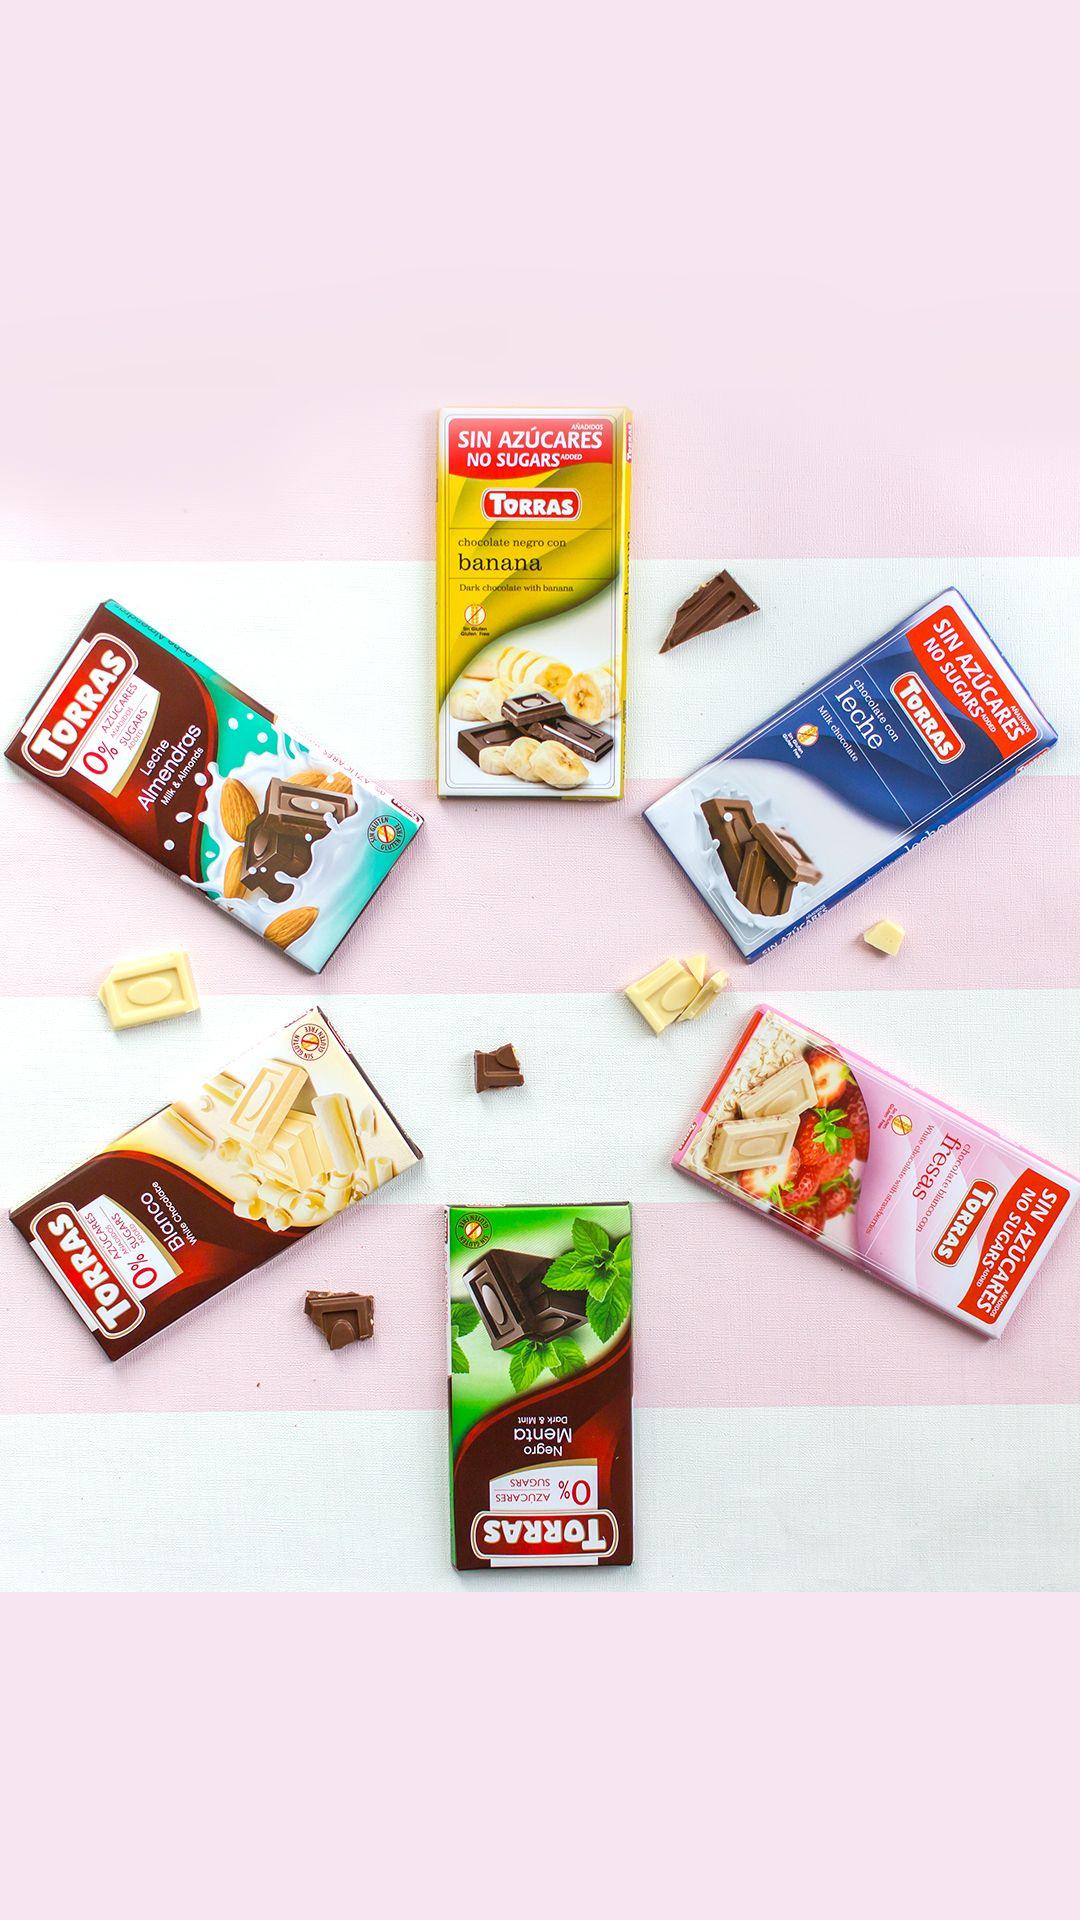 Torras Schokolade 75g Ohne Zuckerzusatz Low Carb Kostlichkeiten Shop Low Carb Kostlichkeiten Zuckerfreie Schokolade Zuckerfrei